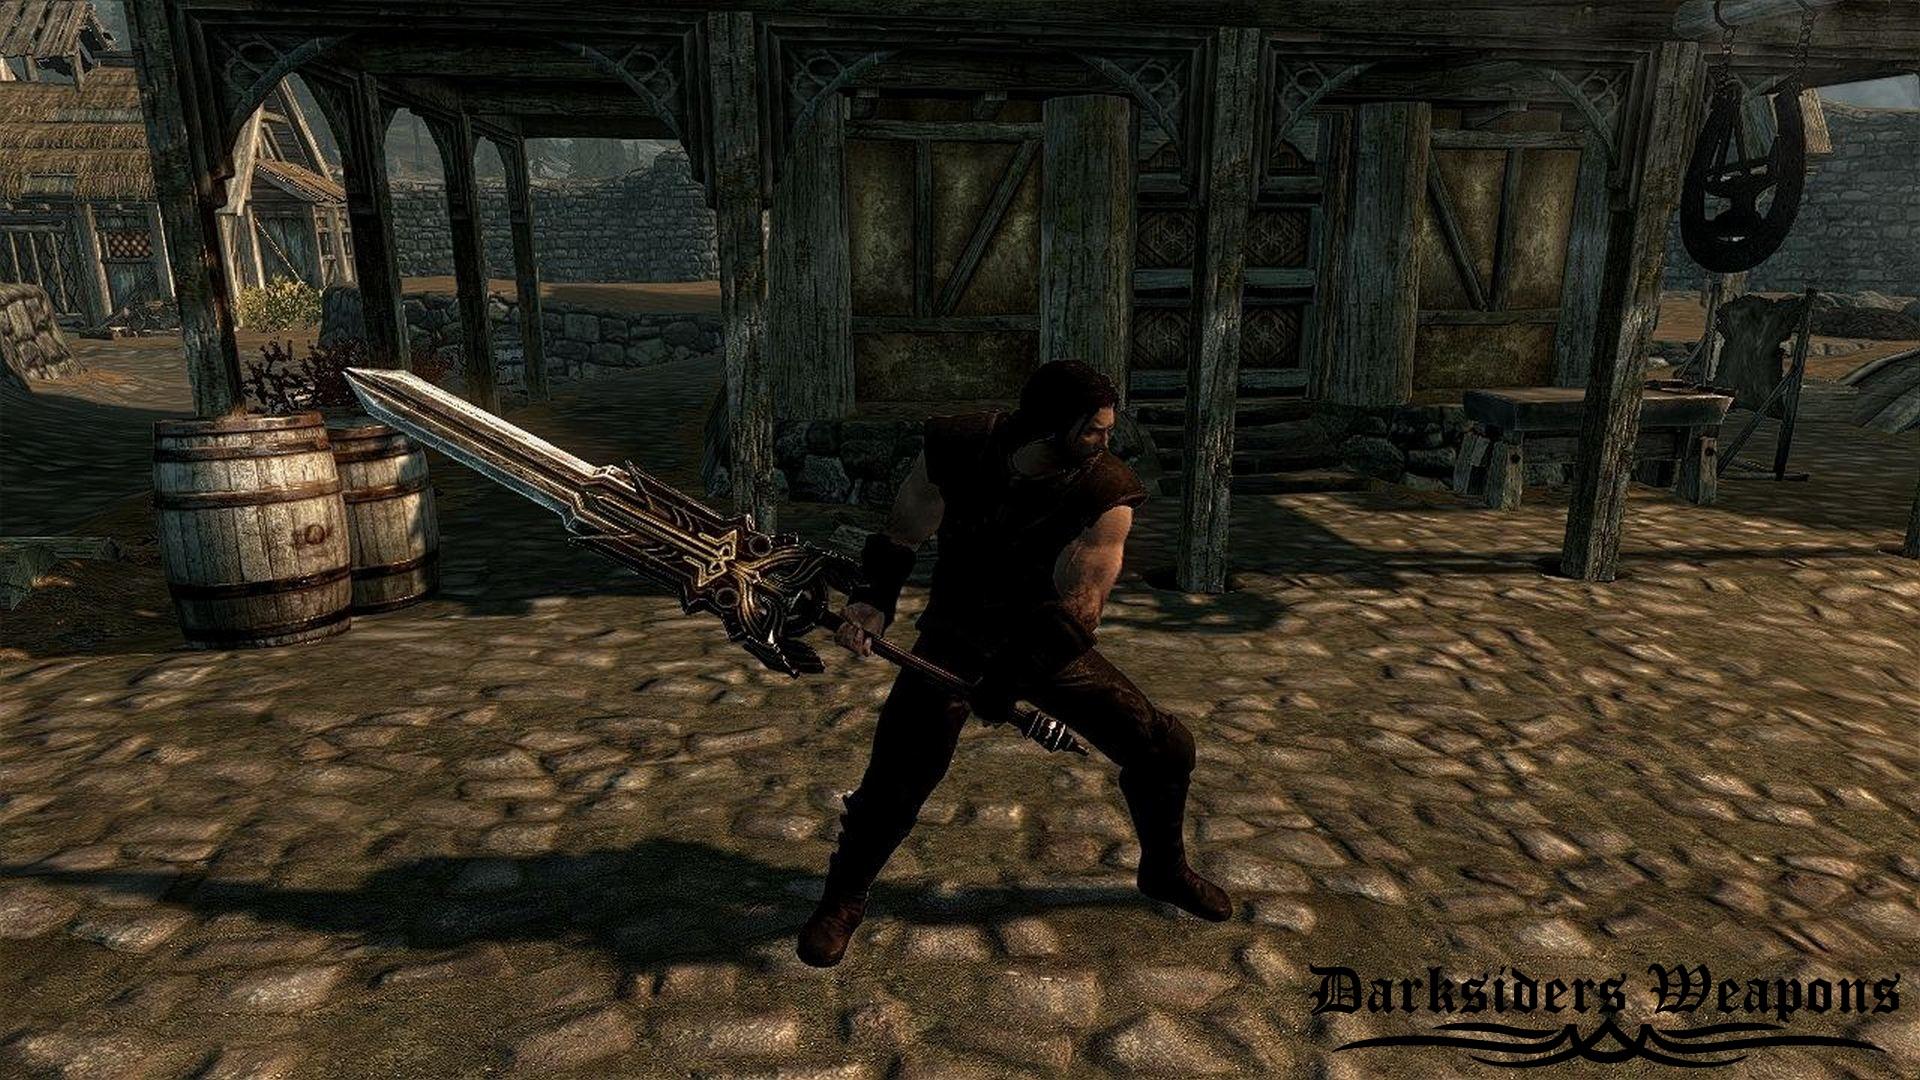 Darksiders_Weapons.jpg